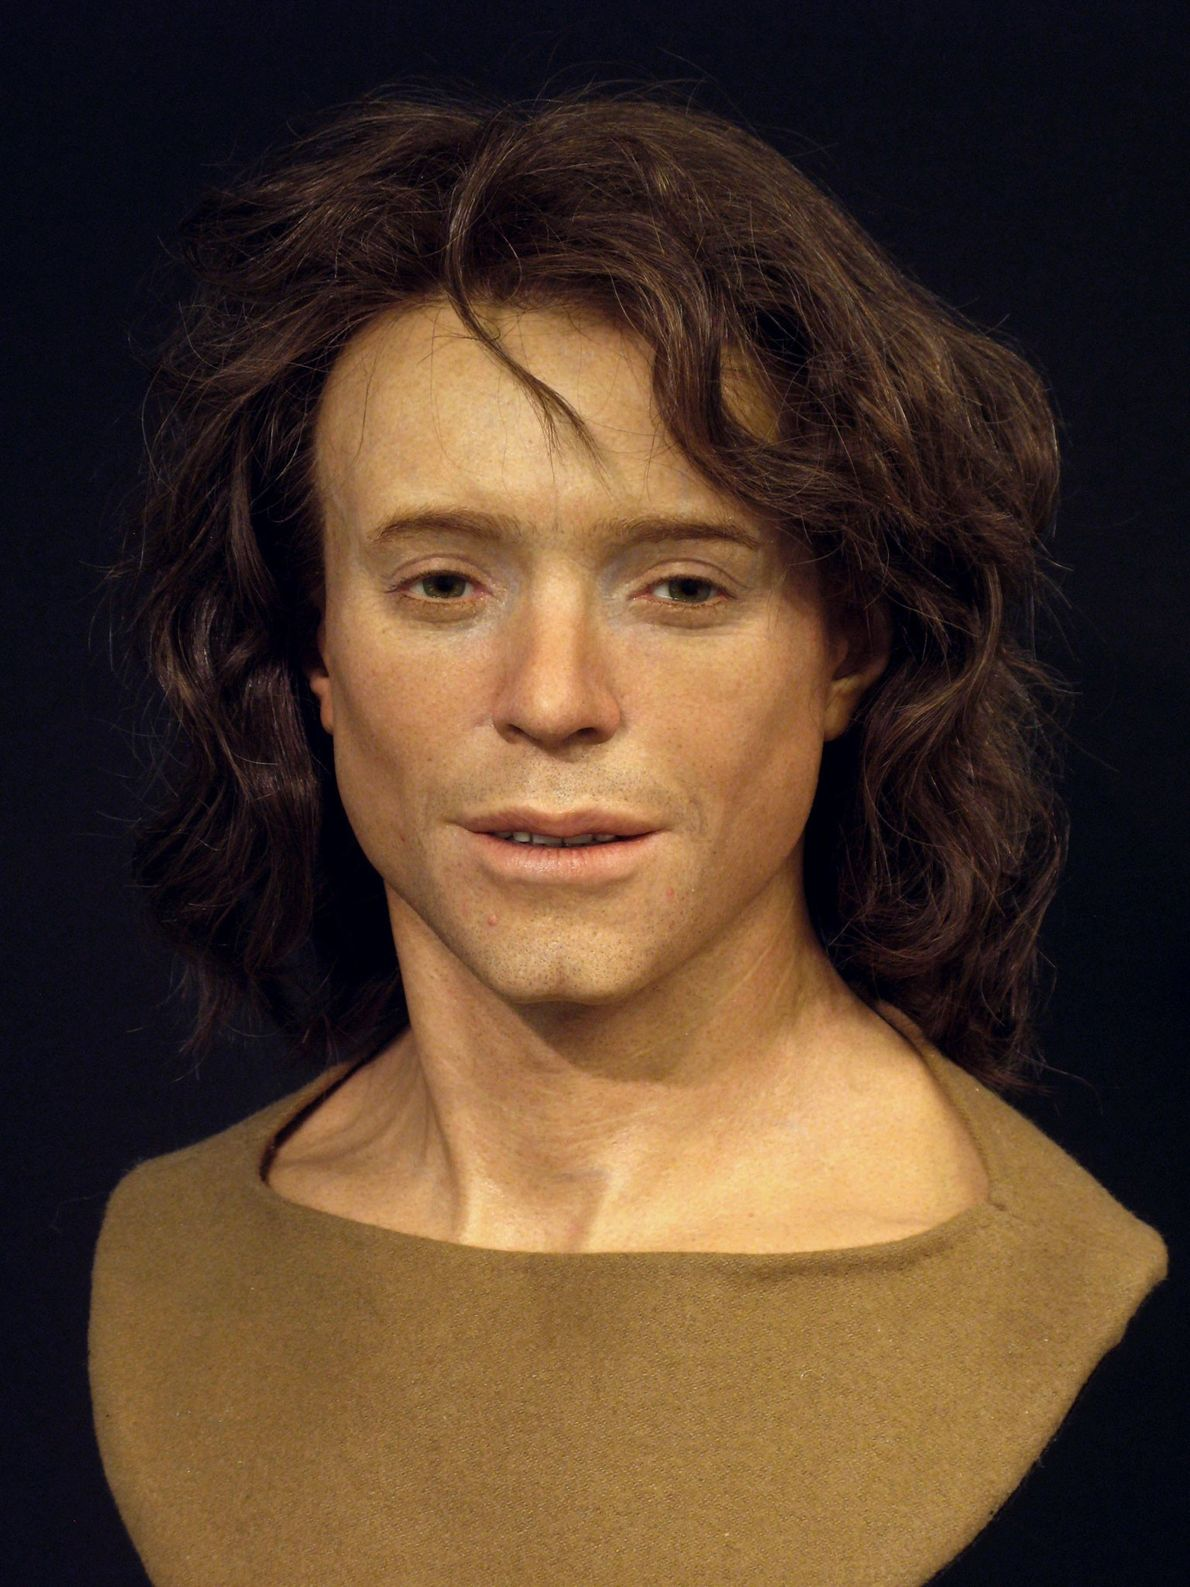 Adelasius Ebalchus